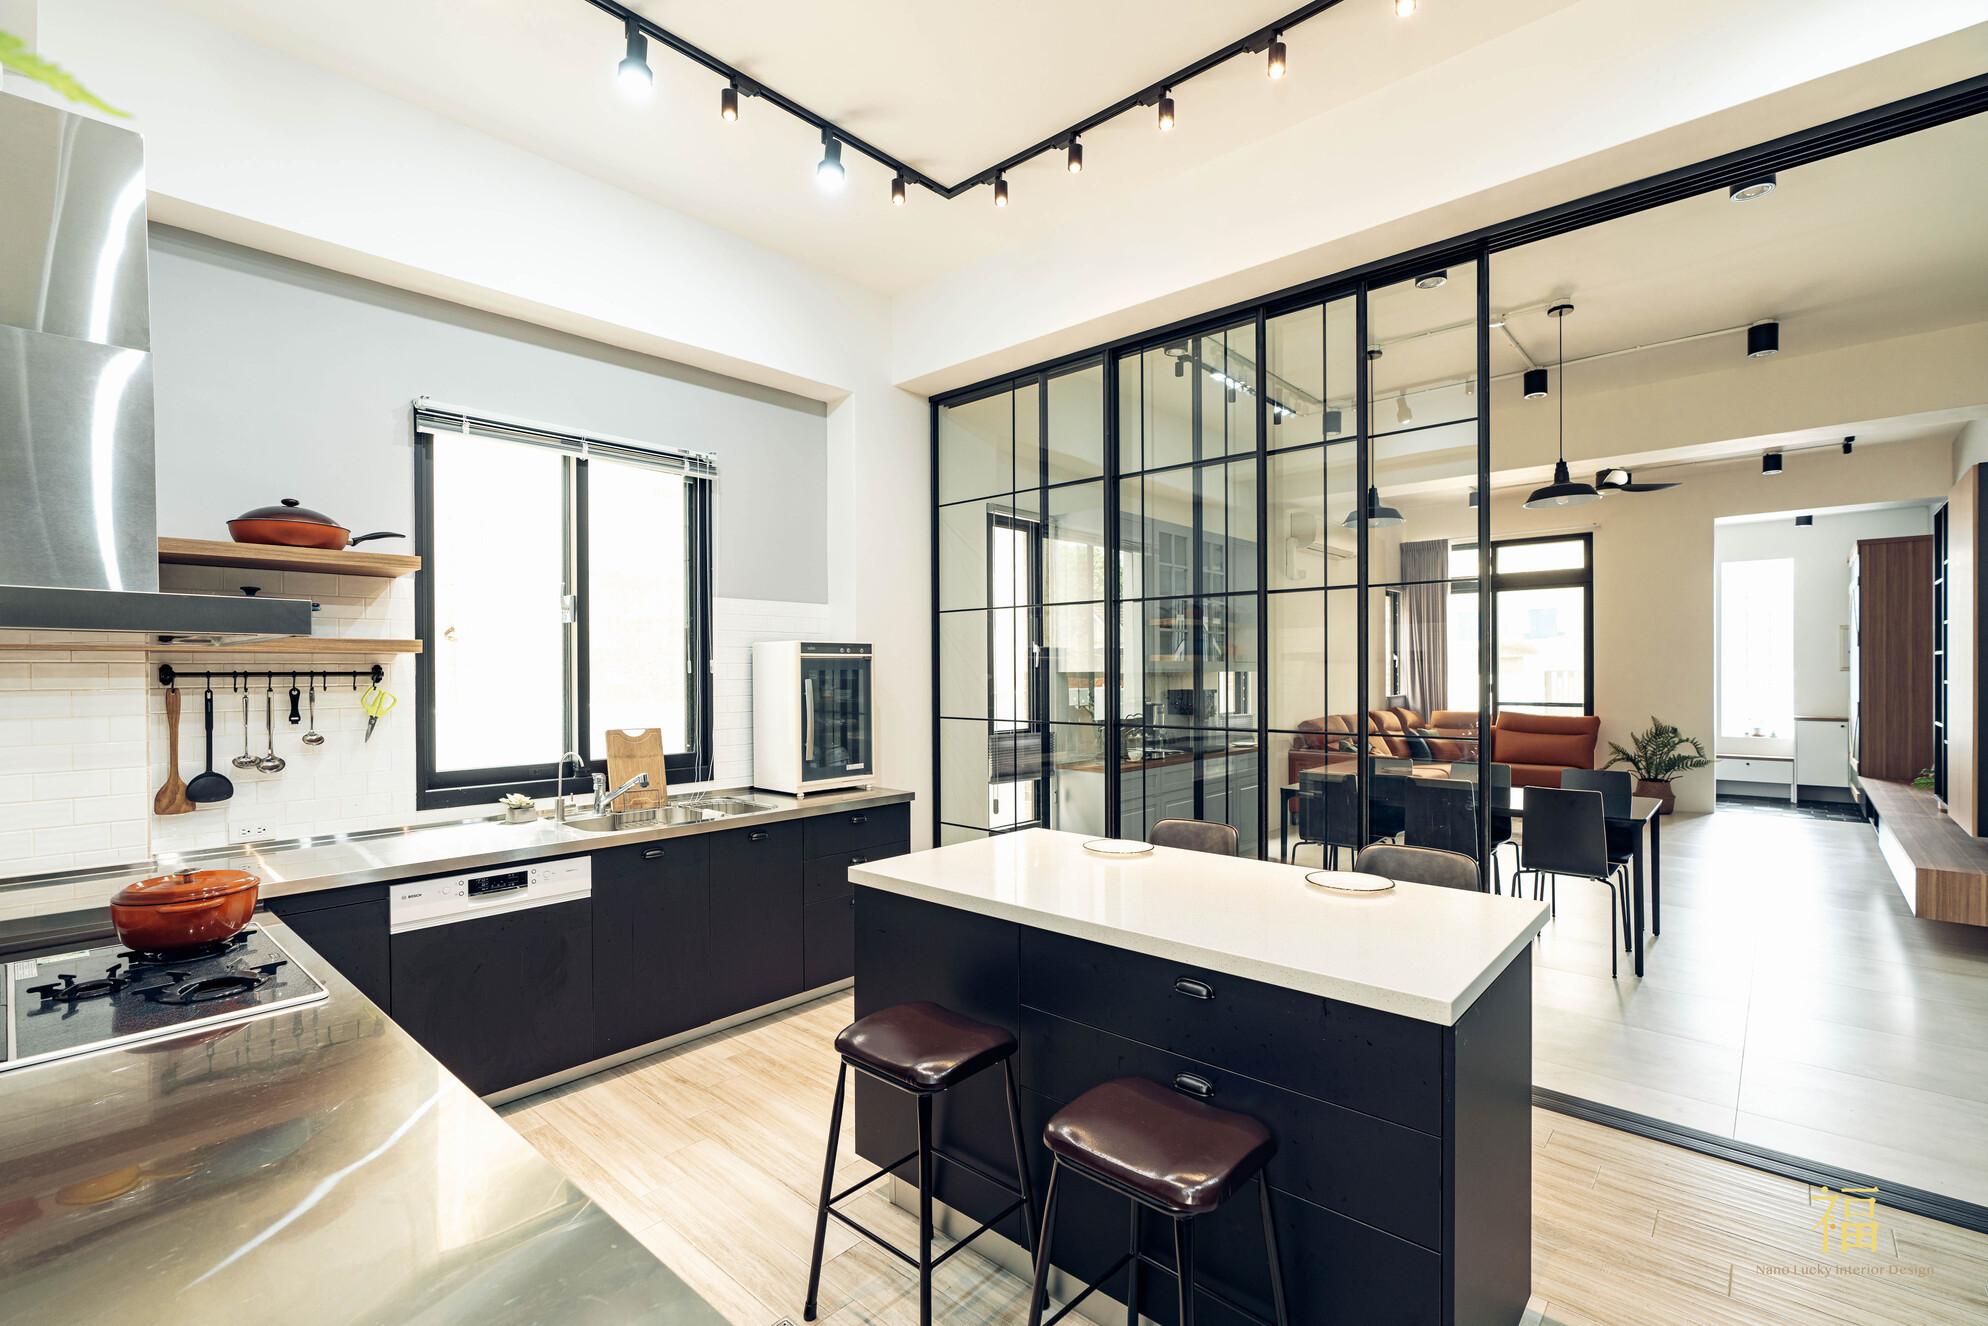 溪口盧宅|整體空間延伸感|嘉義住宅空間設計